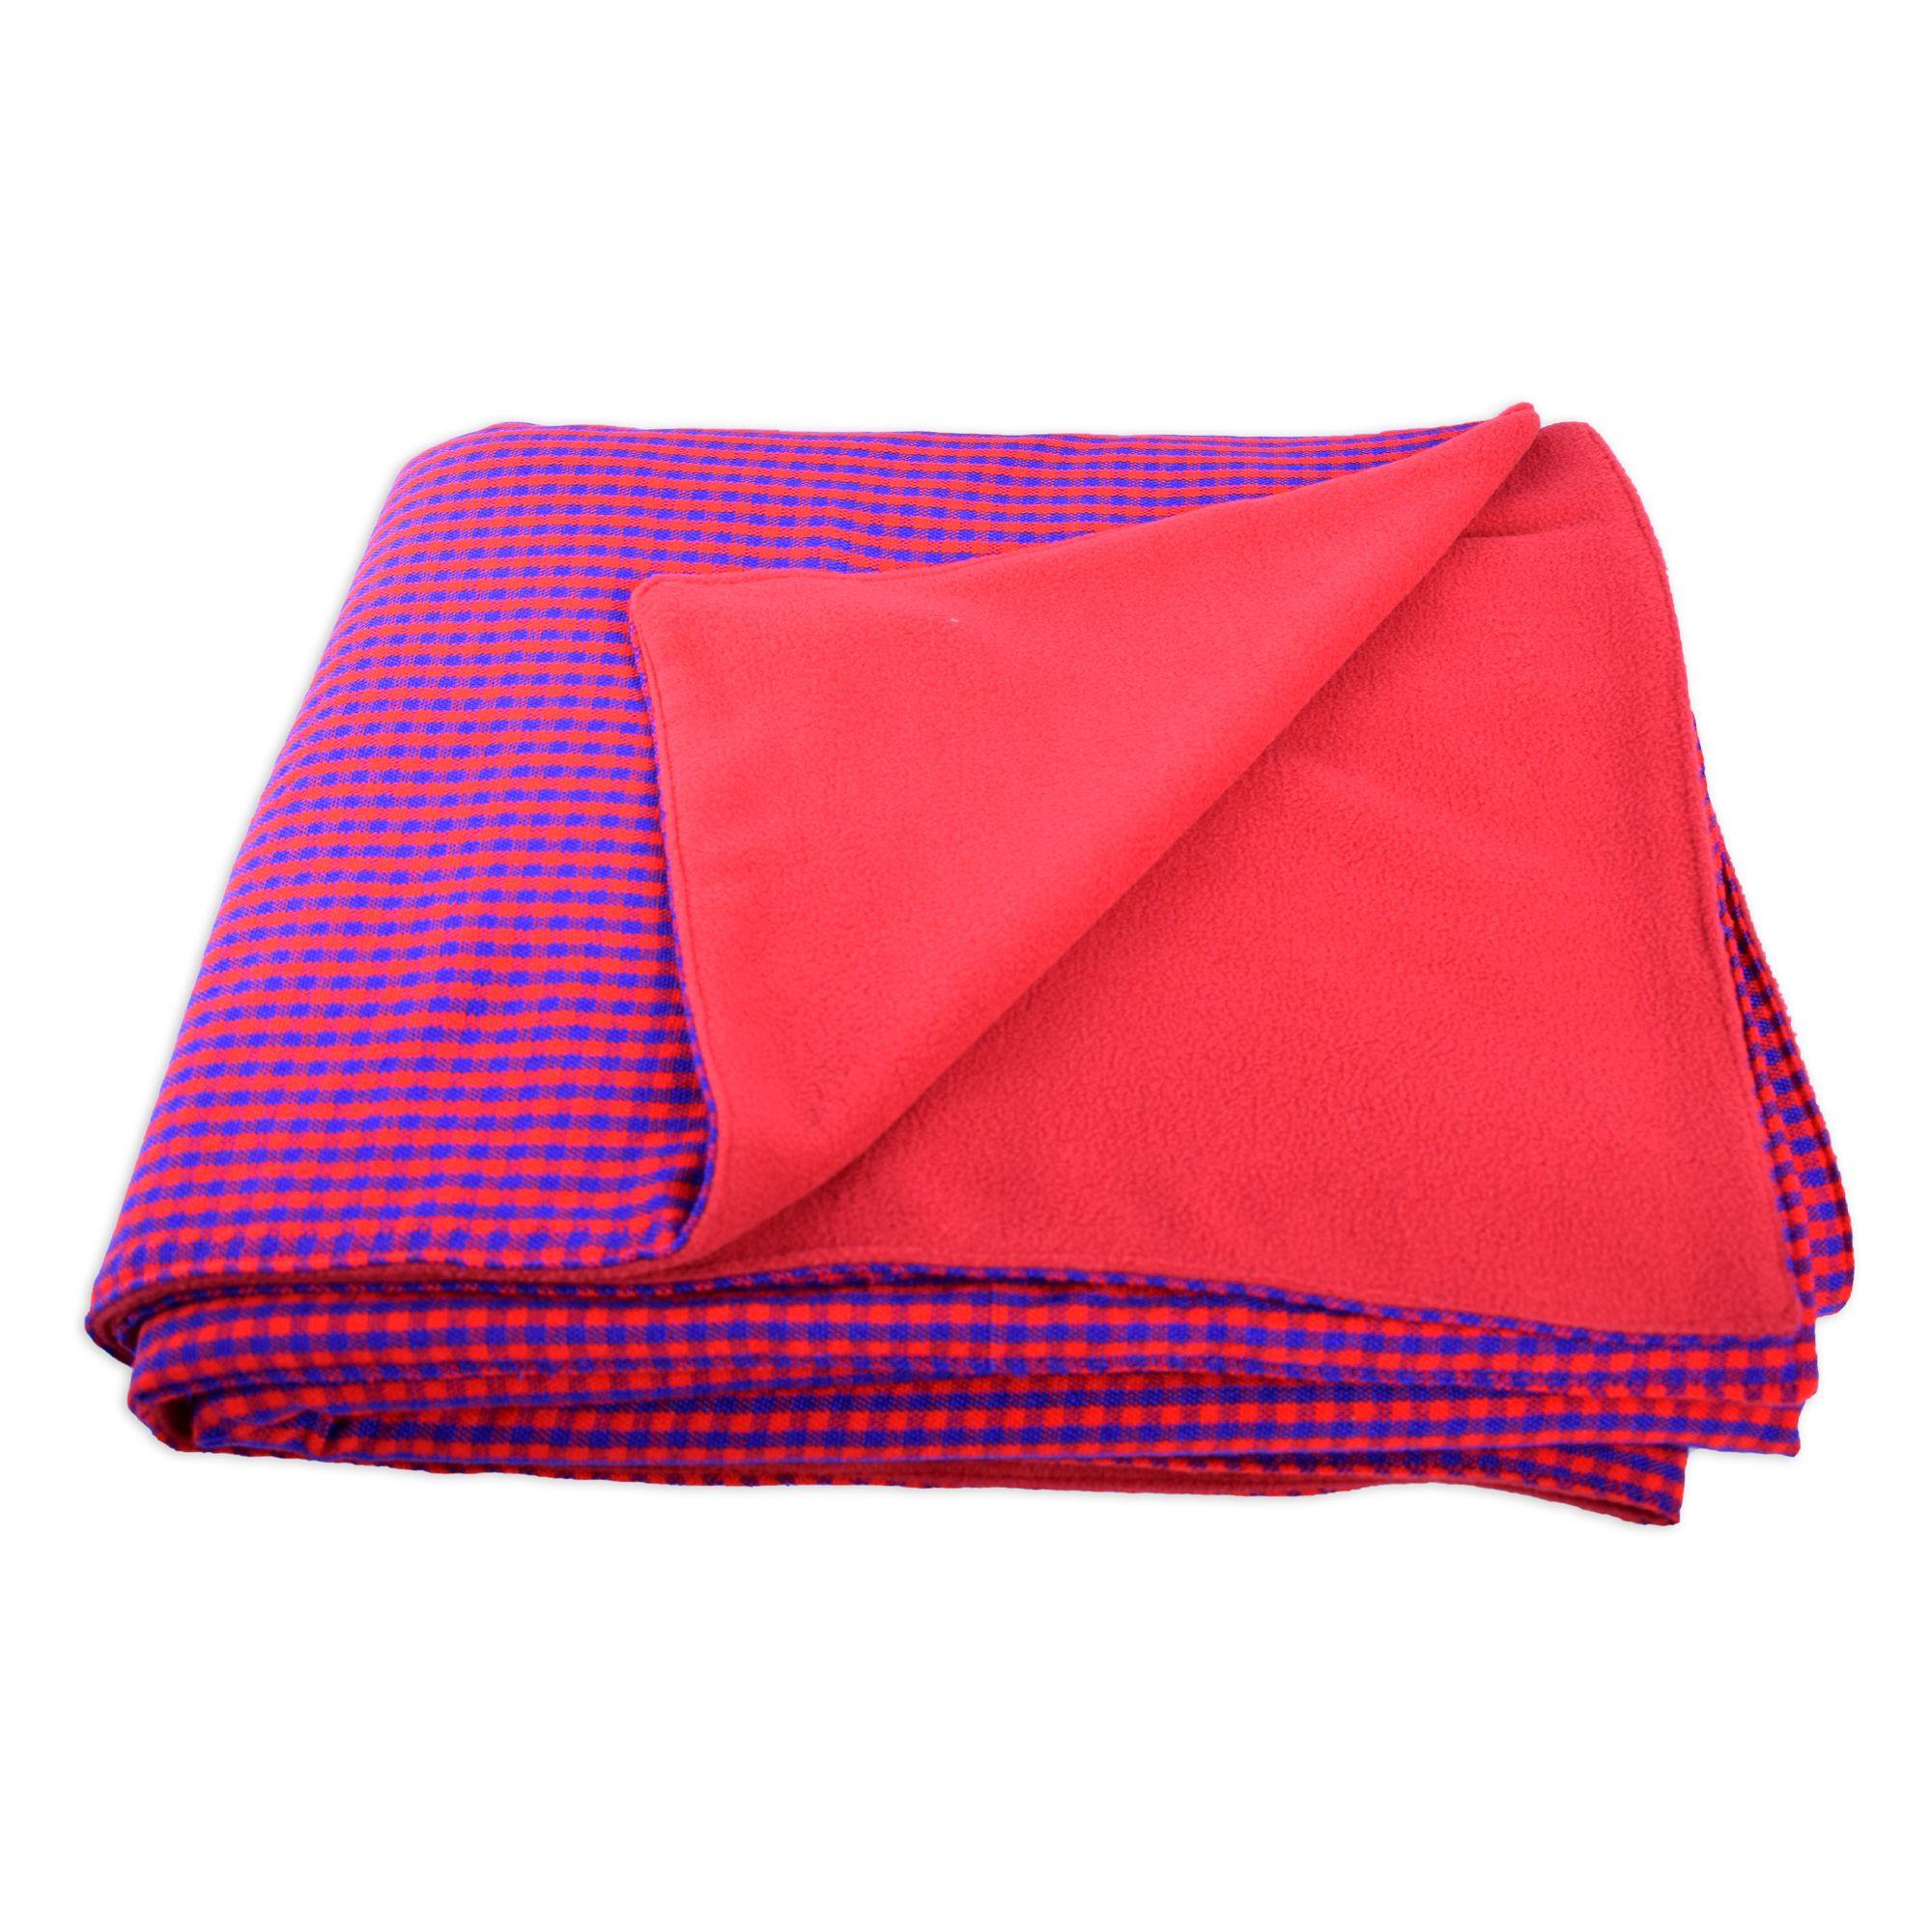 Masai Shuka Fleece Blanket Fleece Fleece Blanket Maasai People